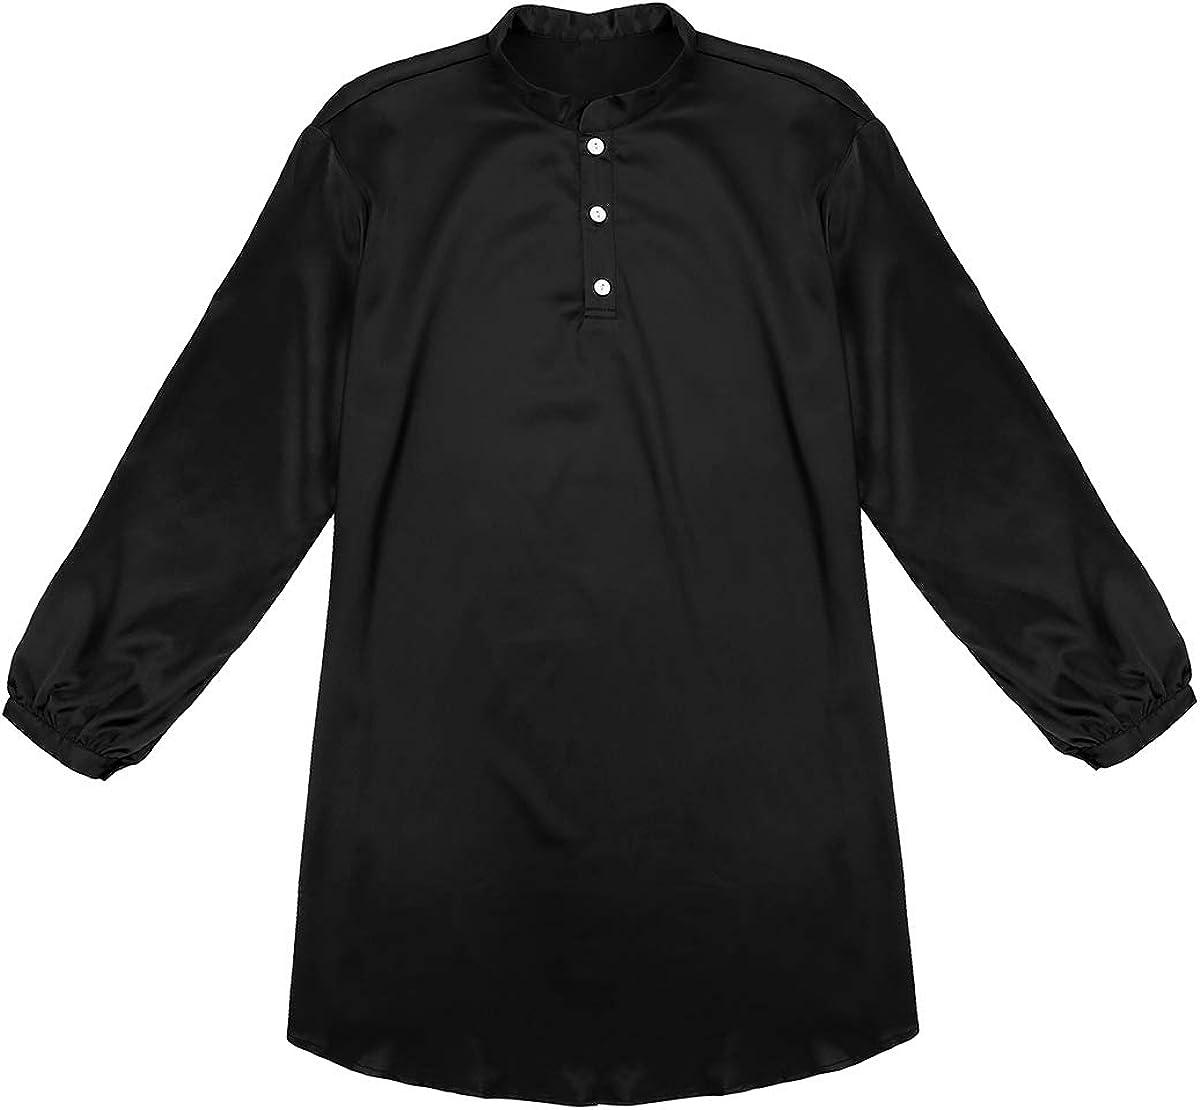 iEFiEL Herren Nachthemd Satin Einteiliger Schlafanzug Langarm Hemd Body Schlafoveralls Pyjamas Loose T-Shirt M-2XL